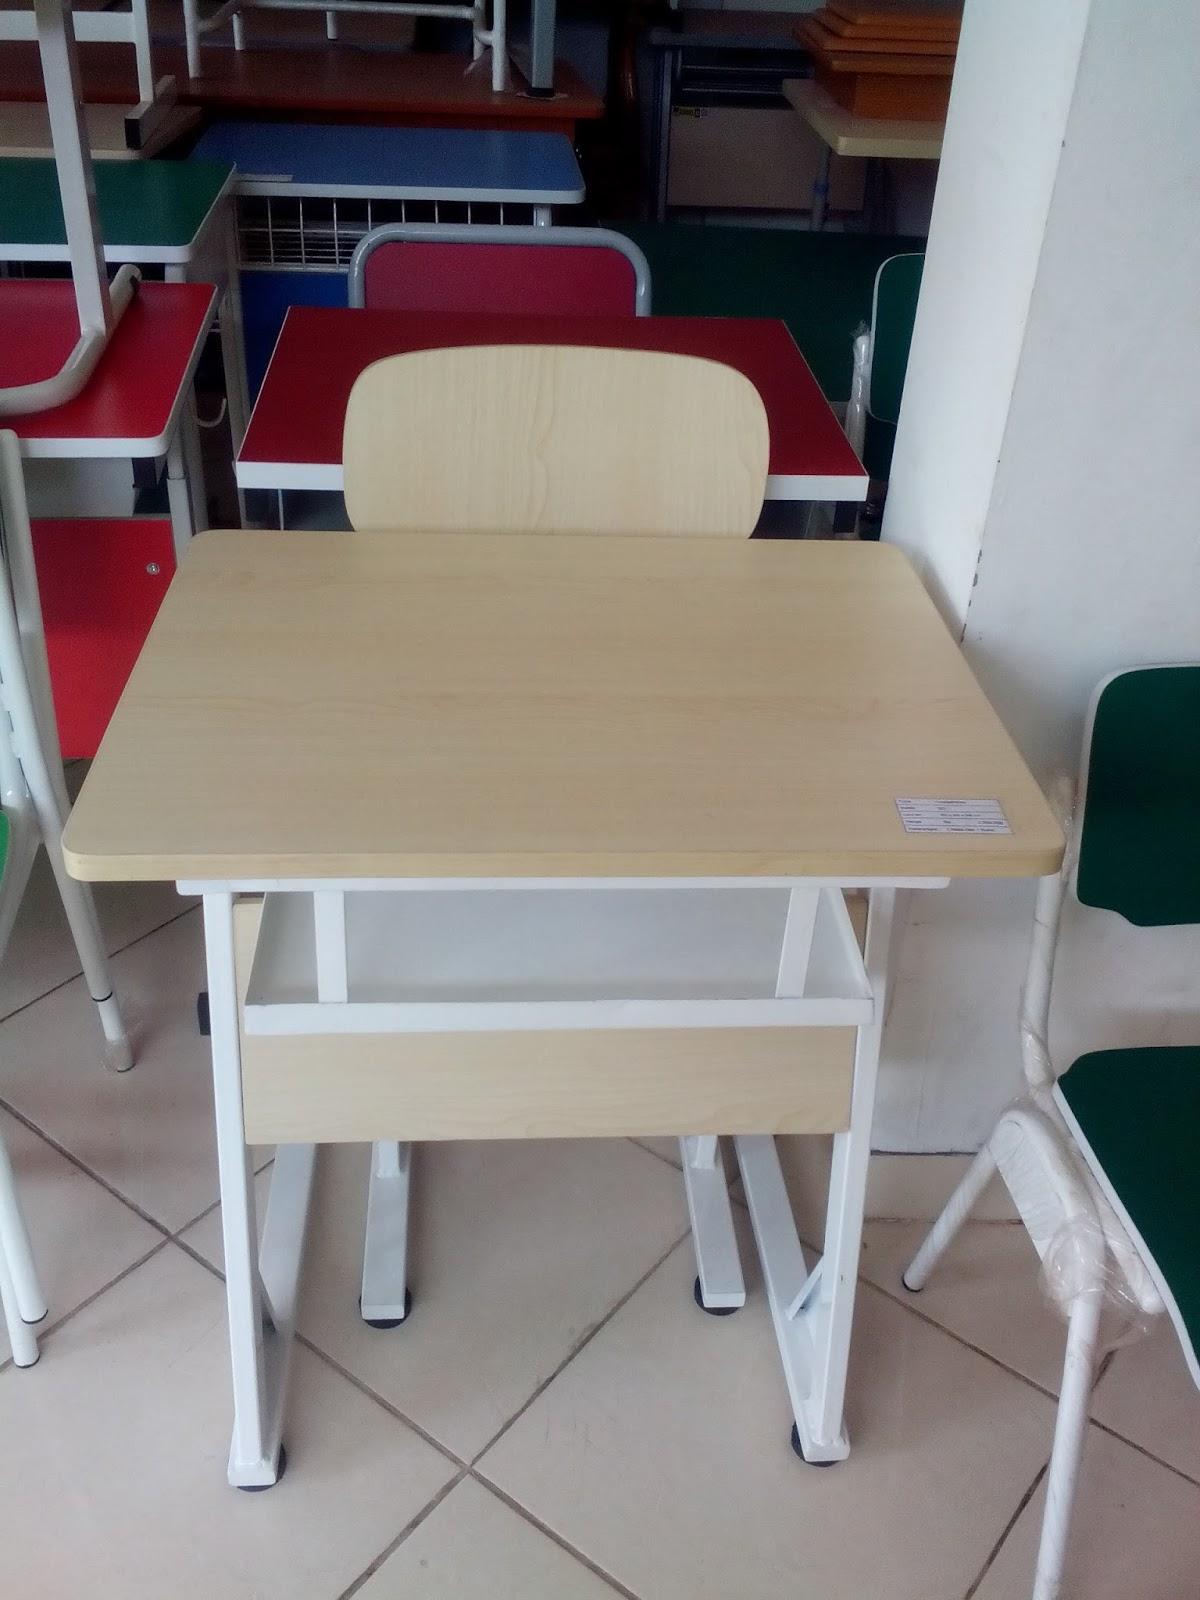 Hasil gambar untuk meja kursi sekolah